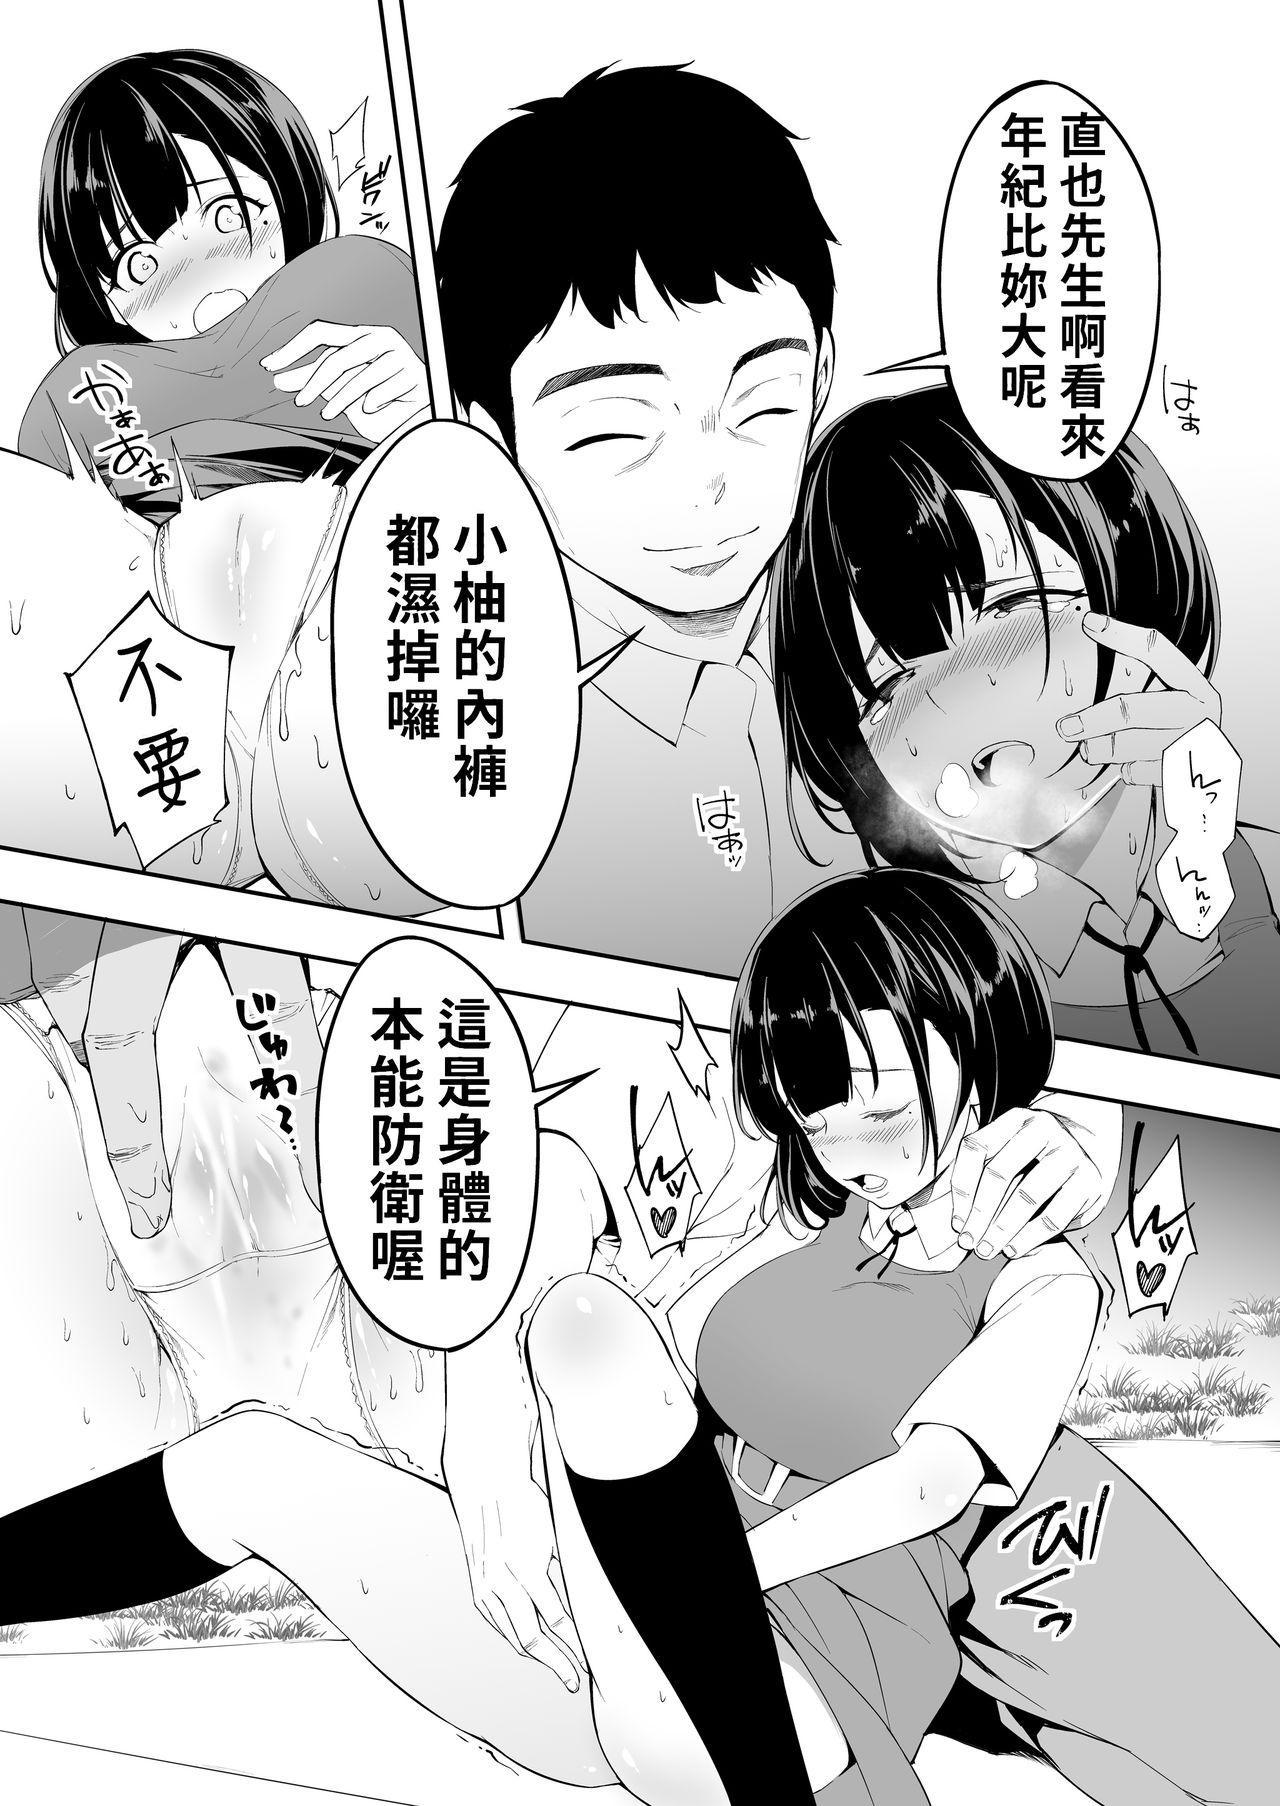 Panpan Travelers Hakata Shuudan Rape Ryokou | 吃飯兼炒飯TRAVELERS~博多集團強●旅行 62